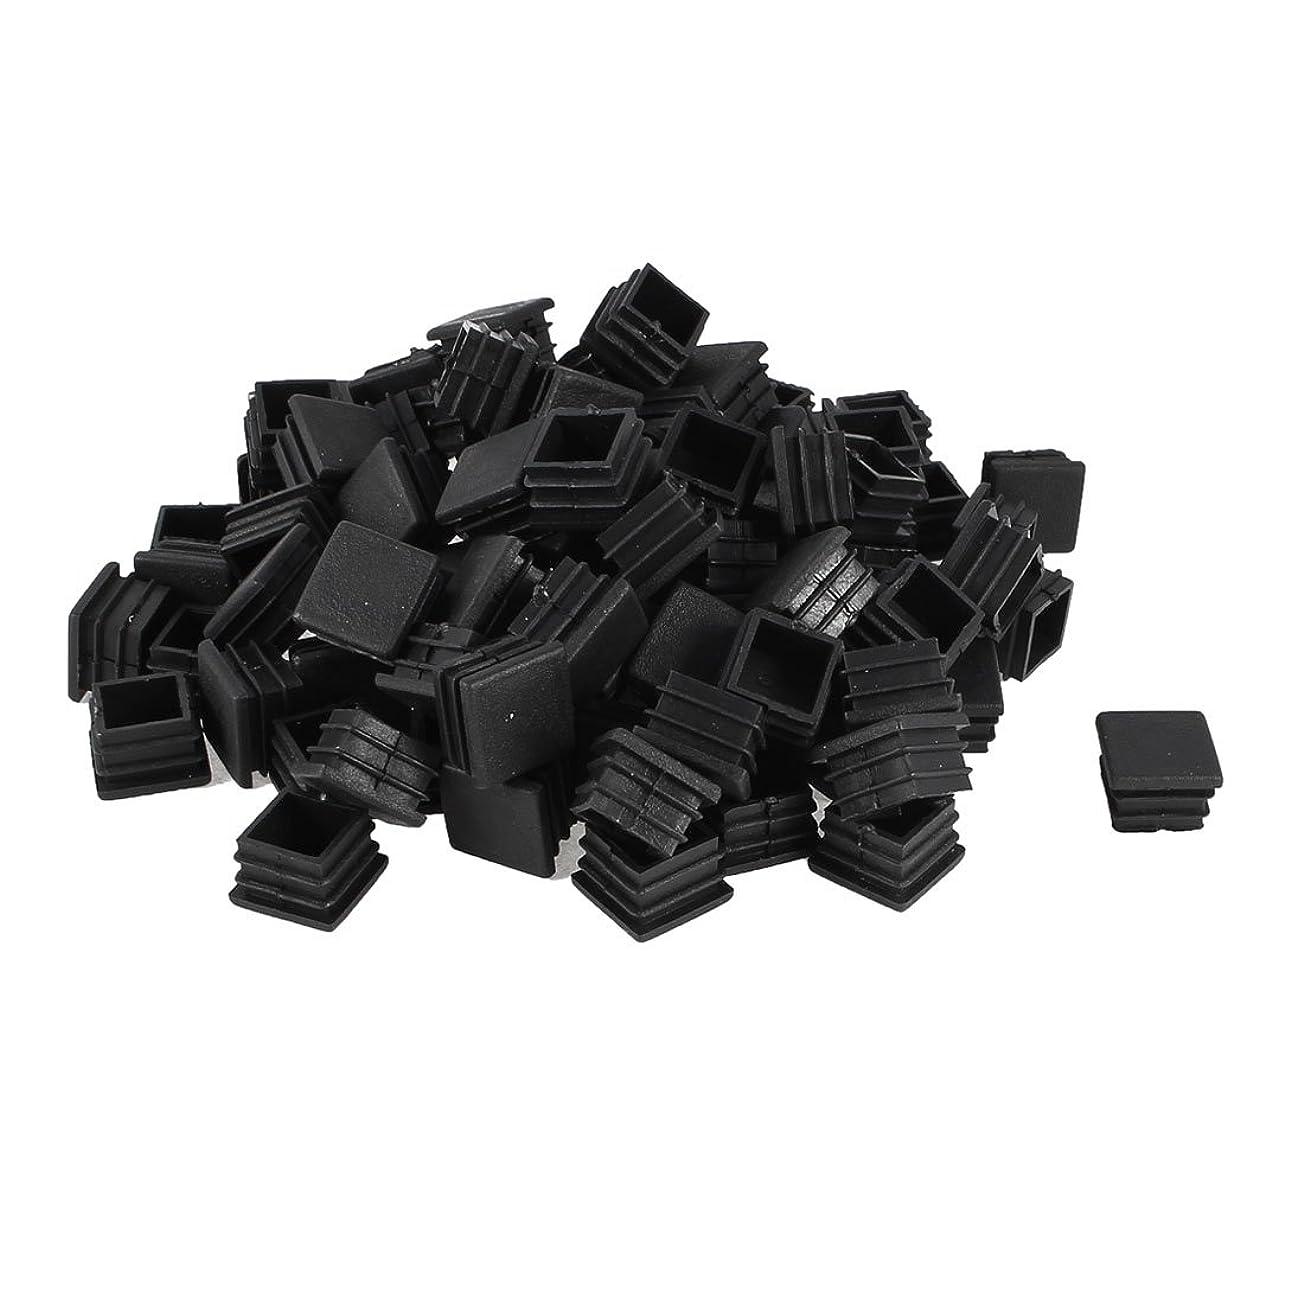 協力的ストレージアクセルuxcell 家具脚カバー 防音 傷防止 パイプキャップ 長方形品 パイプ蓋 プラスチック ブラック 20 x 20mm 100個